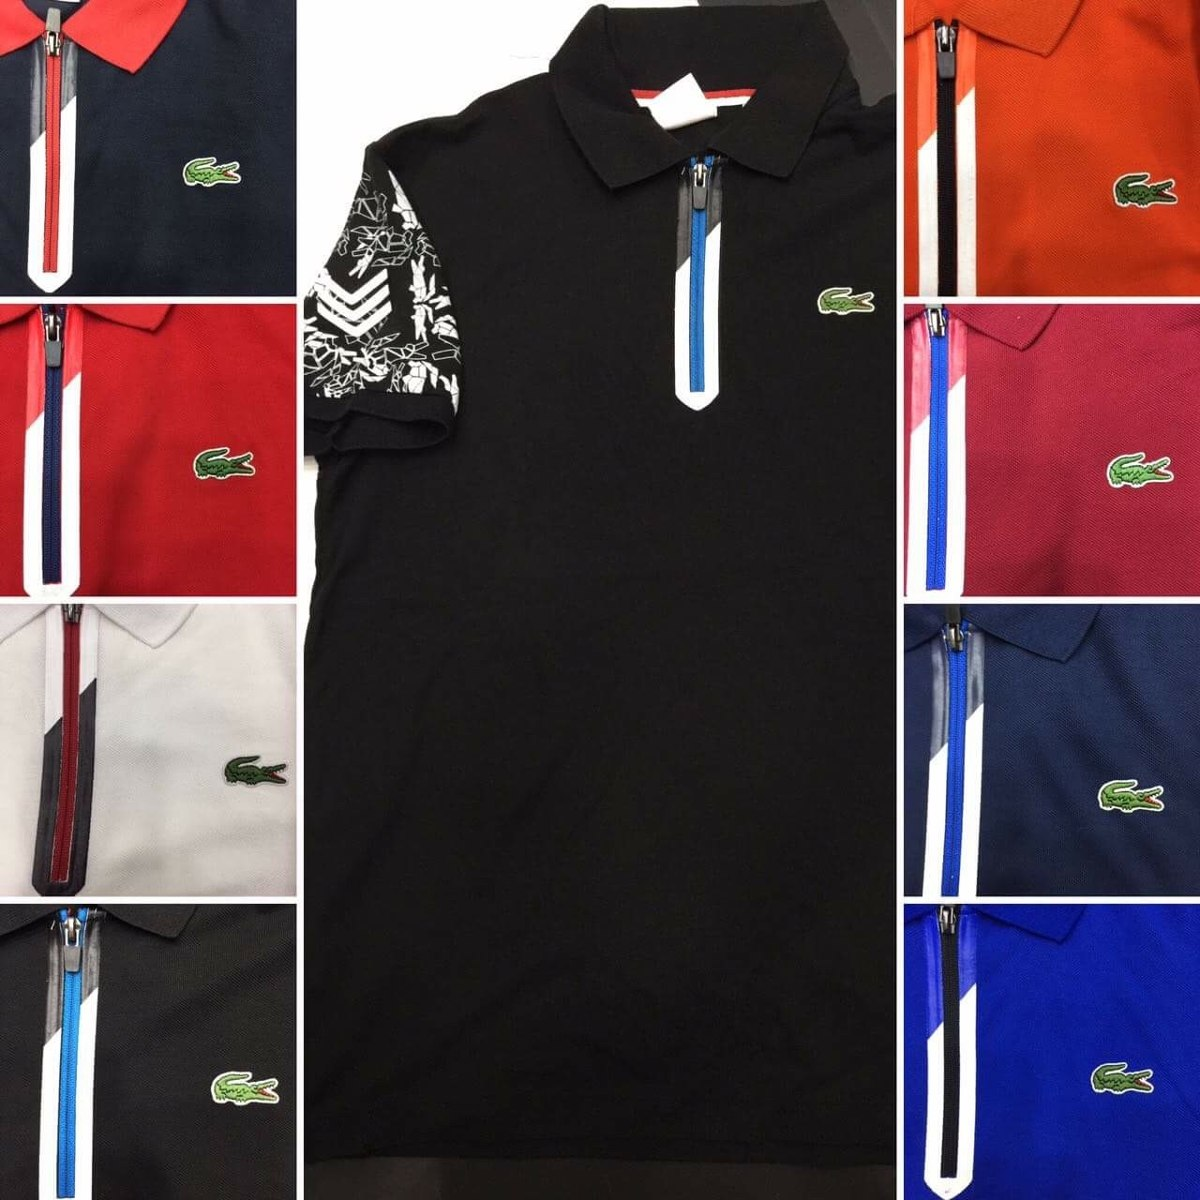 Camisa Polo Lacoste Live Original Lançamento 2017 - R  199,00 em ... e933c94104